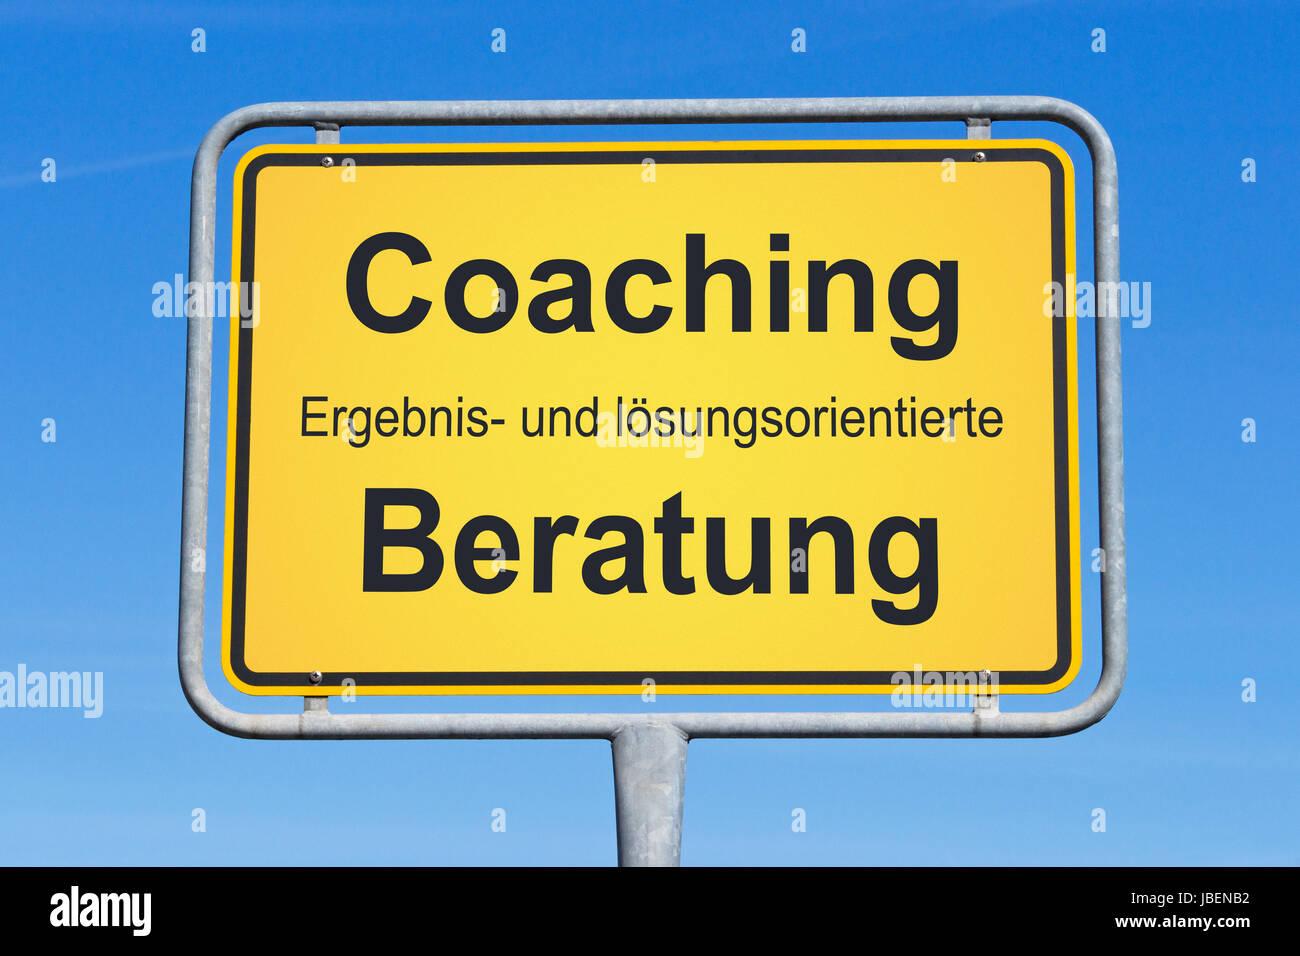 Coaching Banque D'Images